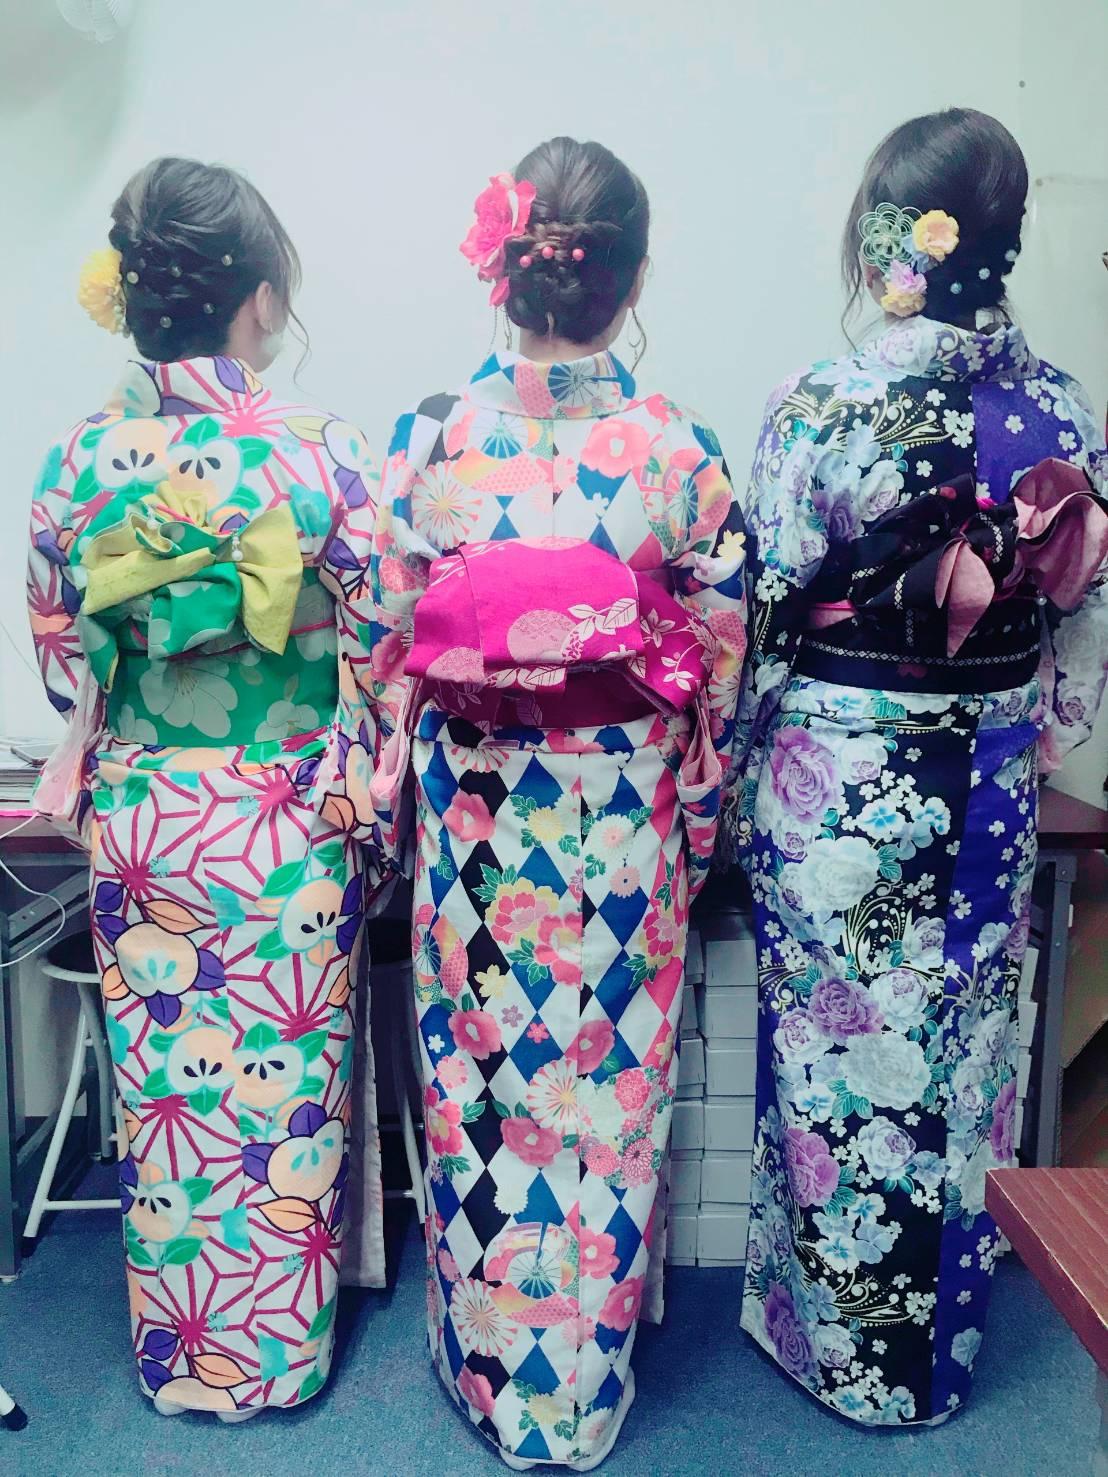 リピーター様❣人気店の「京菜味 のむら」へ2019年12月7日6